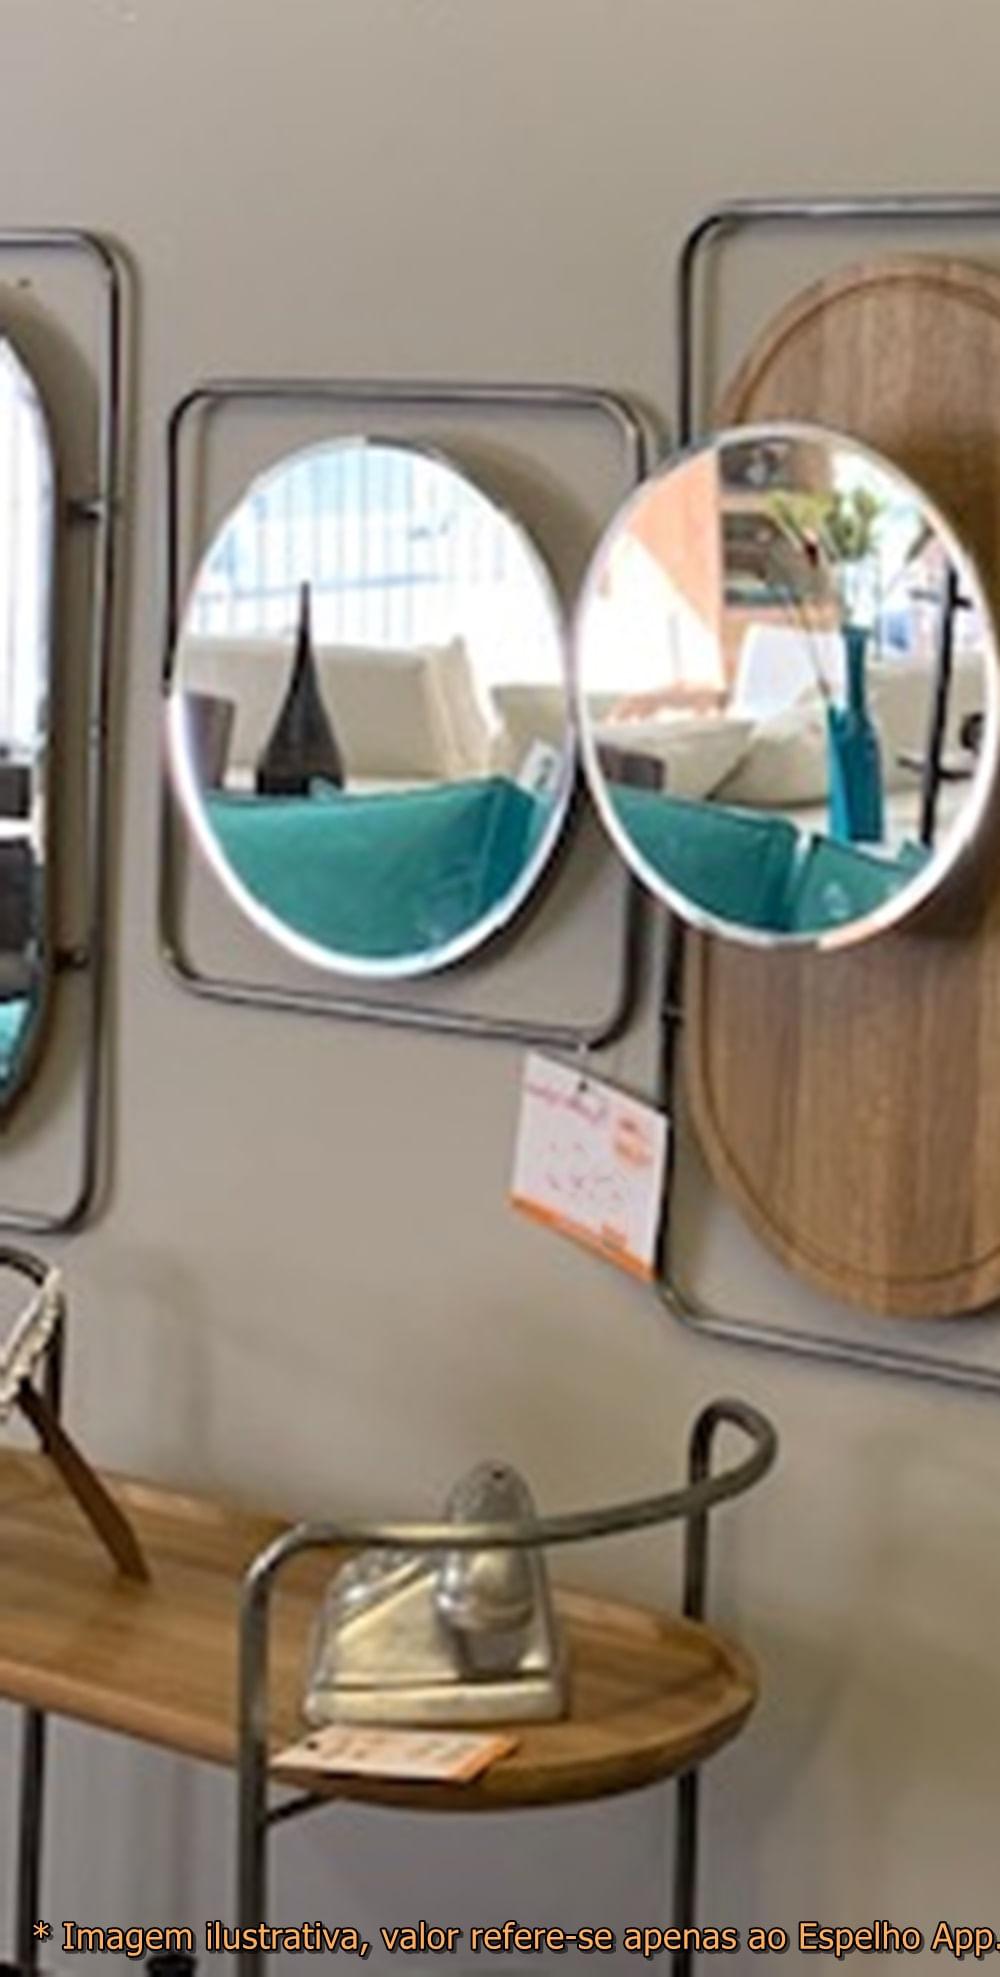 Espelho App Redondo Base Quadrada Metalica 48 cm (LARG) - 50458